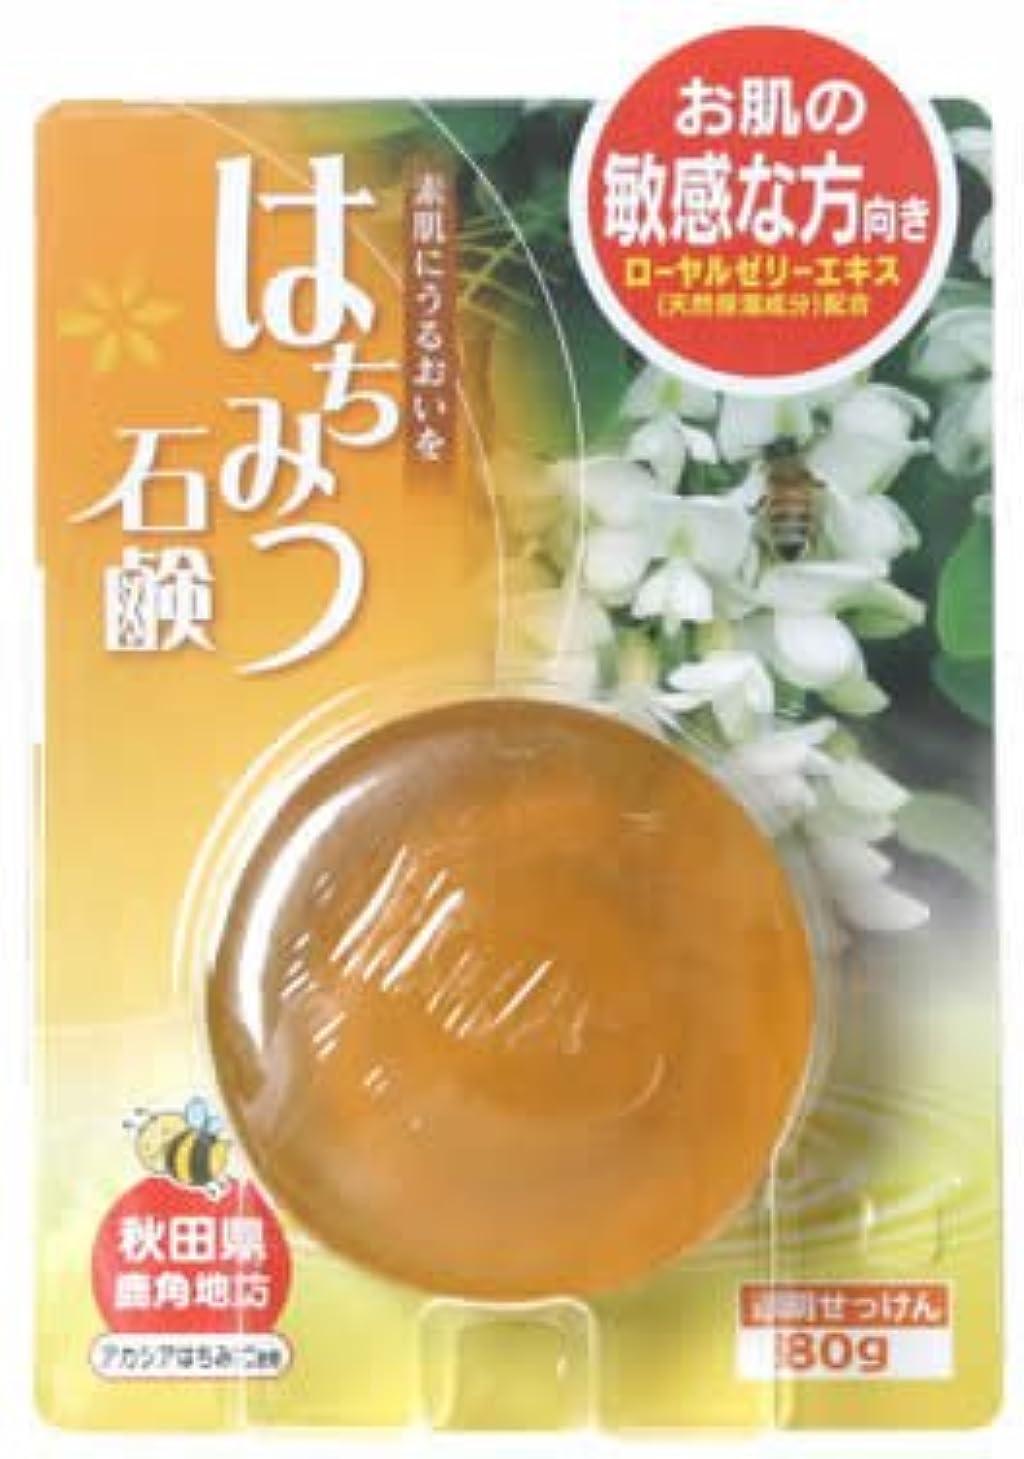 麦芽アリむさぼり食うユゼ はちみつ透明石けん(アカシアはちみつ使用) 80g